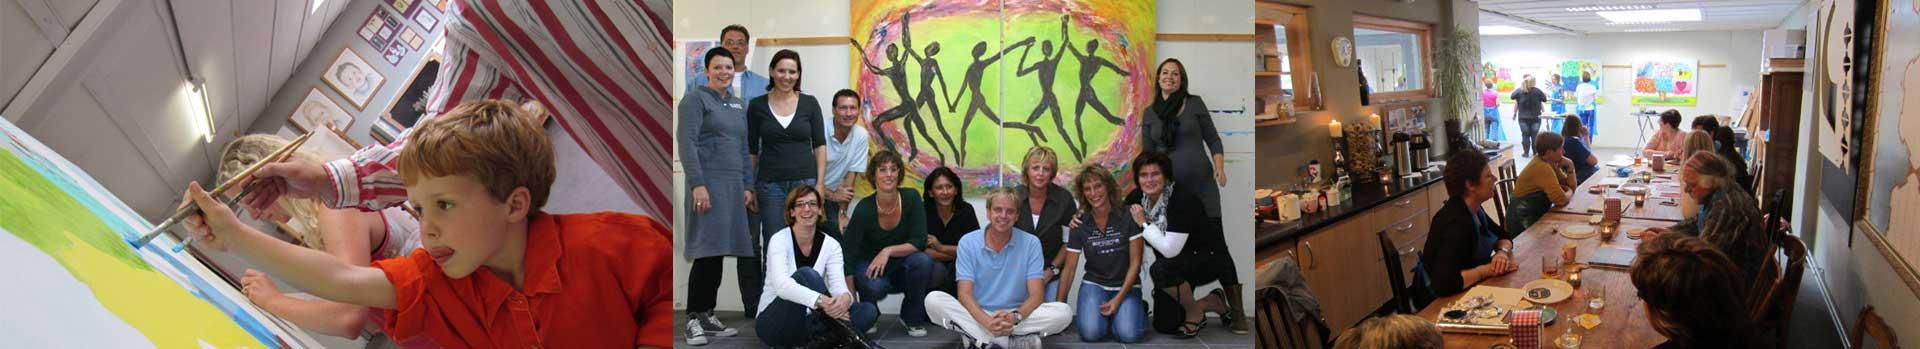 Creatieve workshops brabant